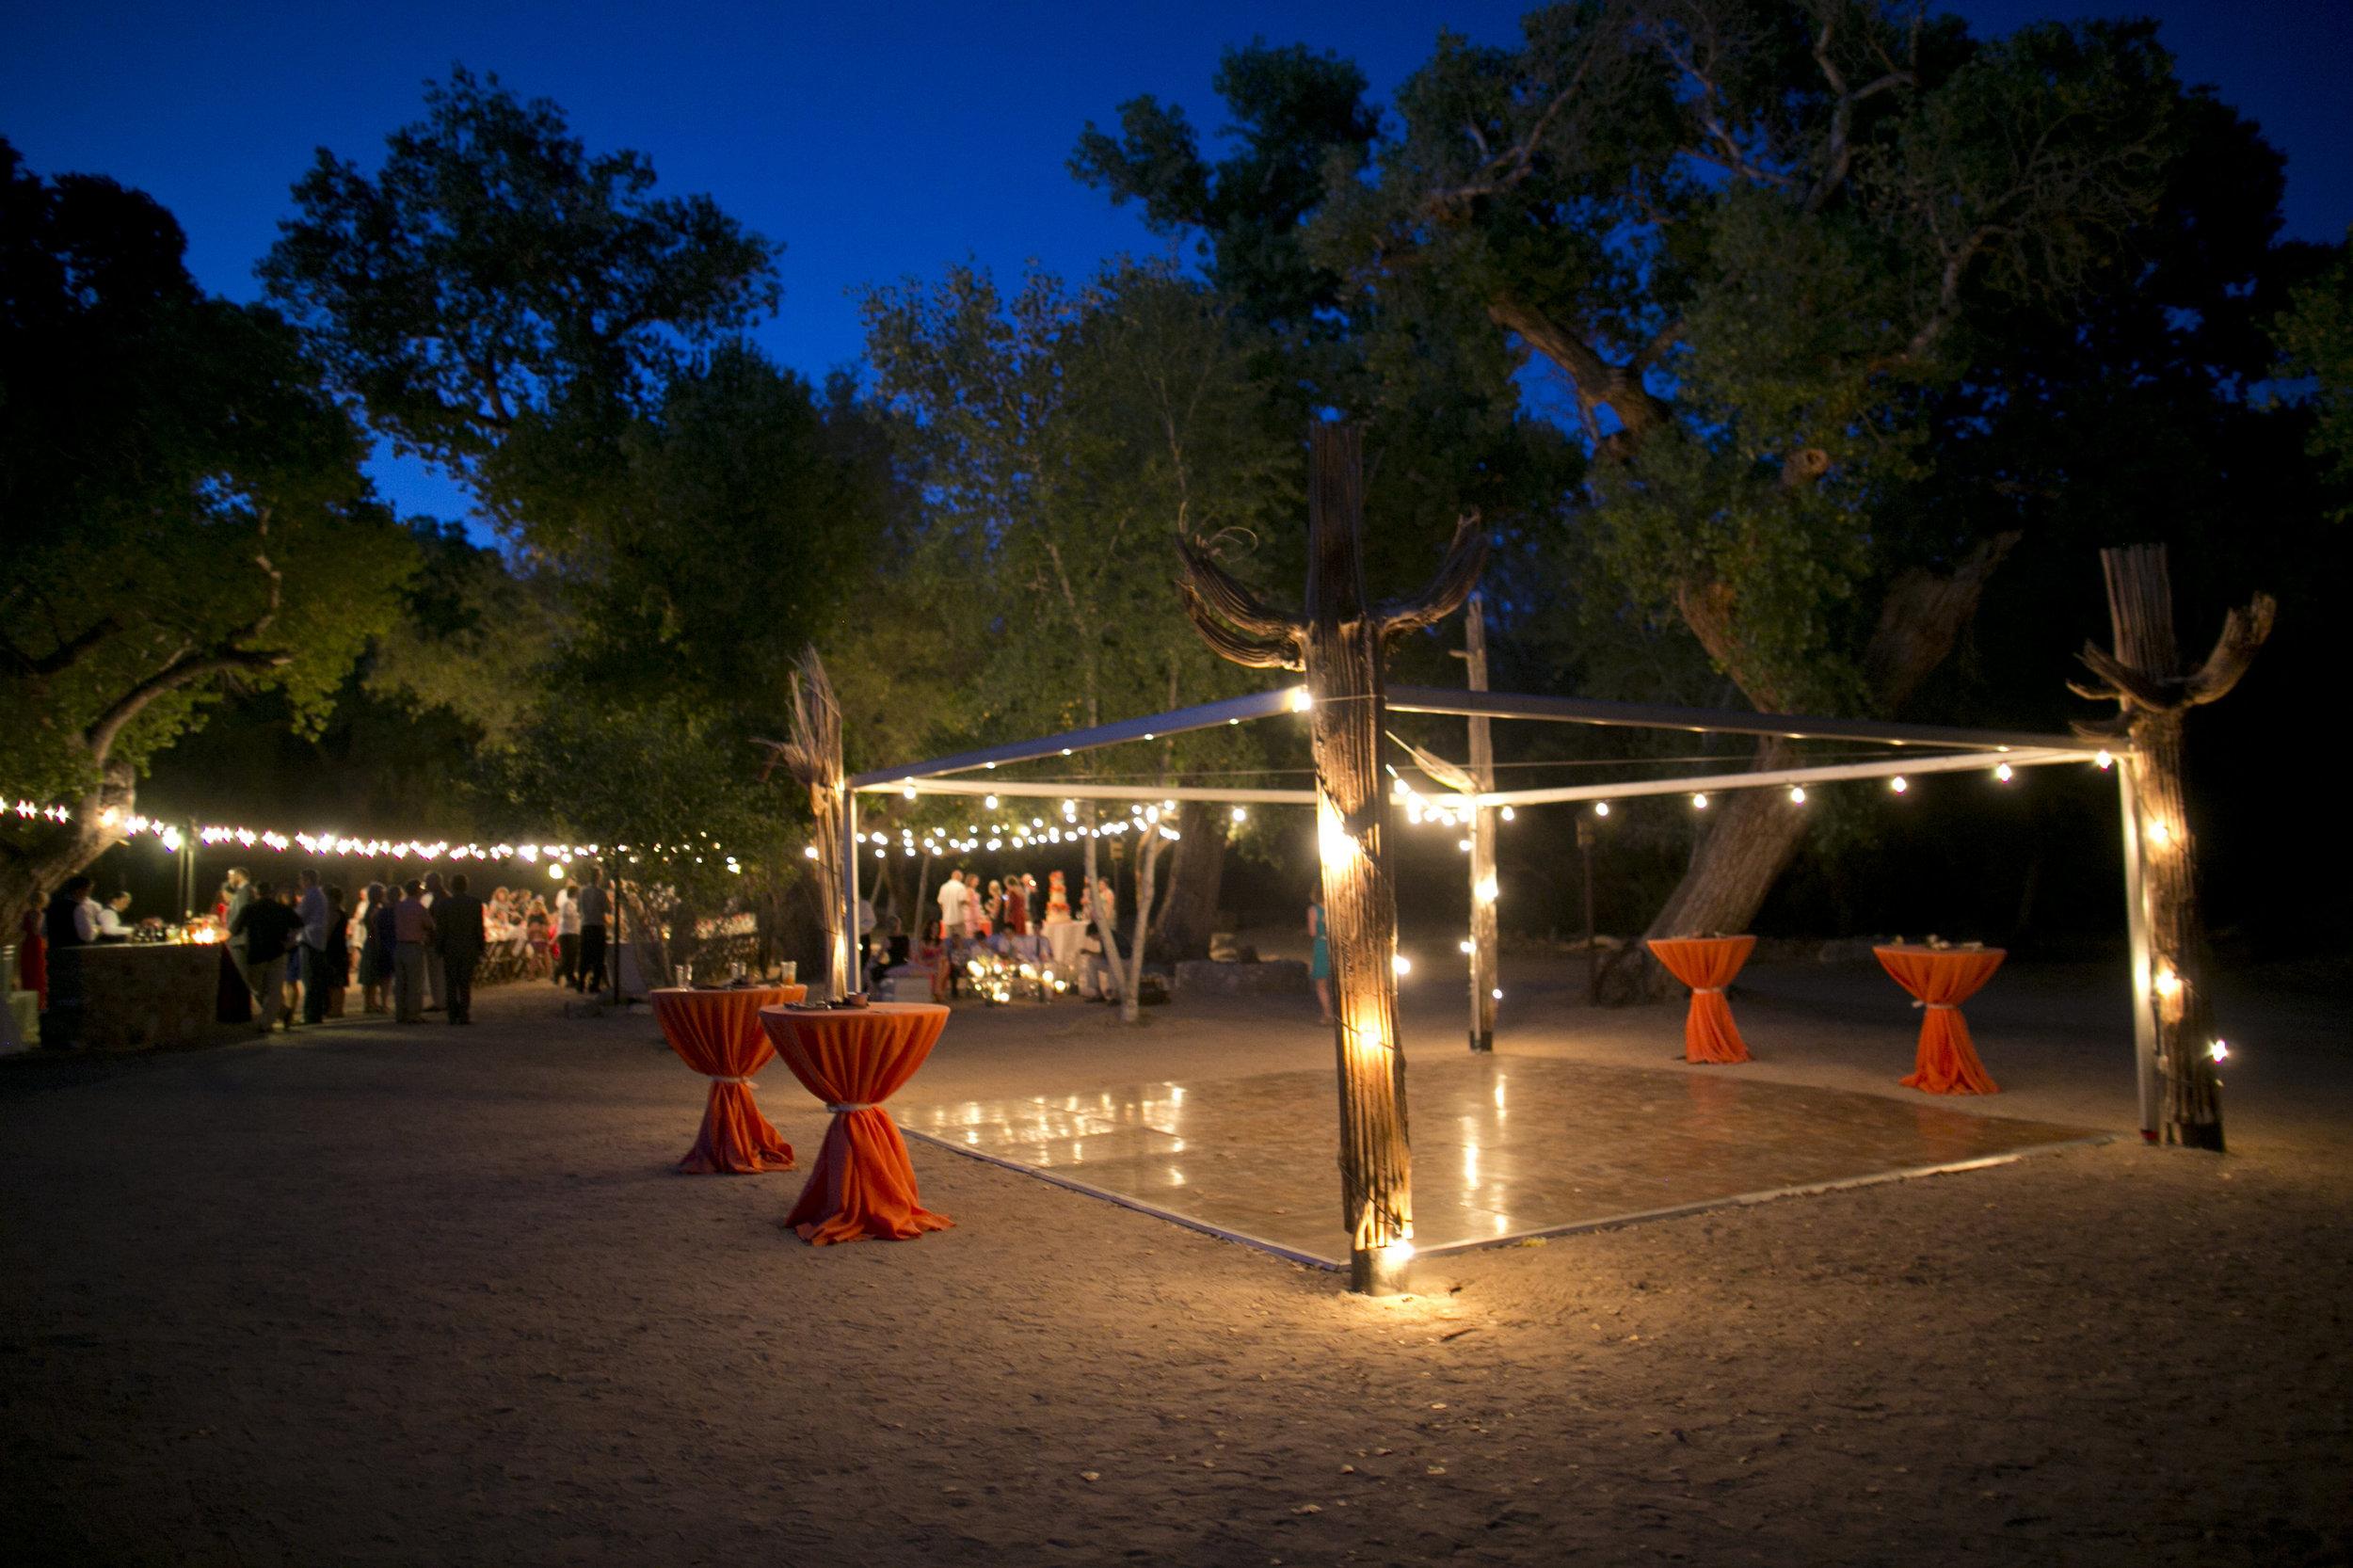 Ceci_New_York_Ceci_Style_Ceci_Johnson_Luxury_Lifestyle_Arizona_Wedding_Watercolor_Inspiration_Design_Custom_Couture_Personalized_Invitations_182.jpg